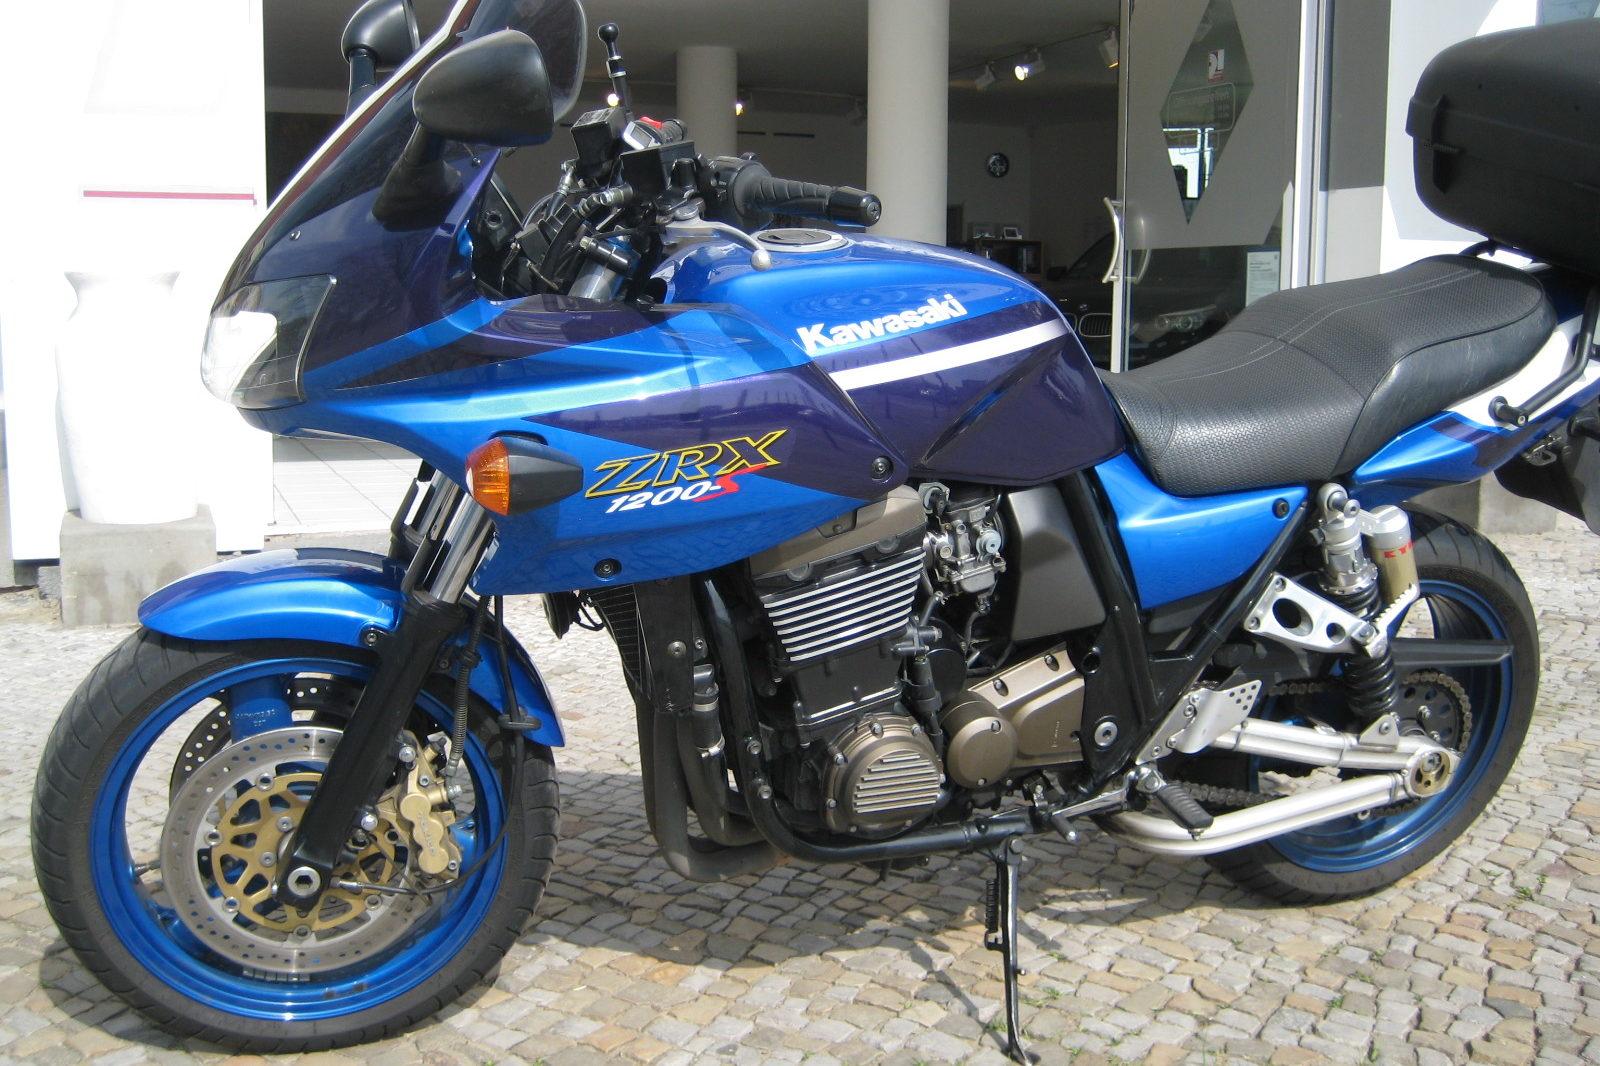 Kawasaki ZRX in blau